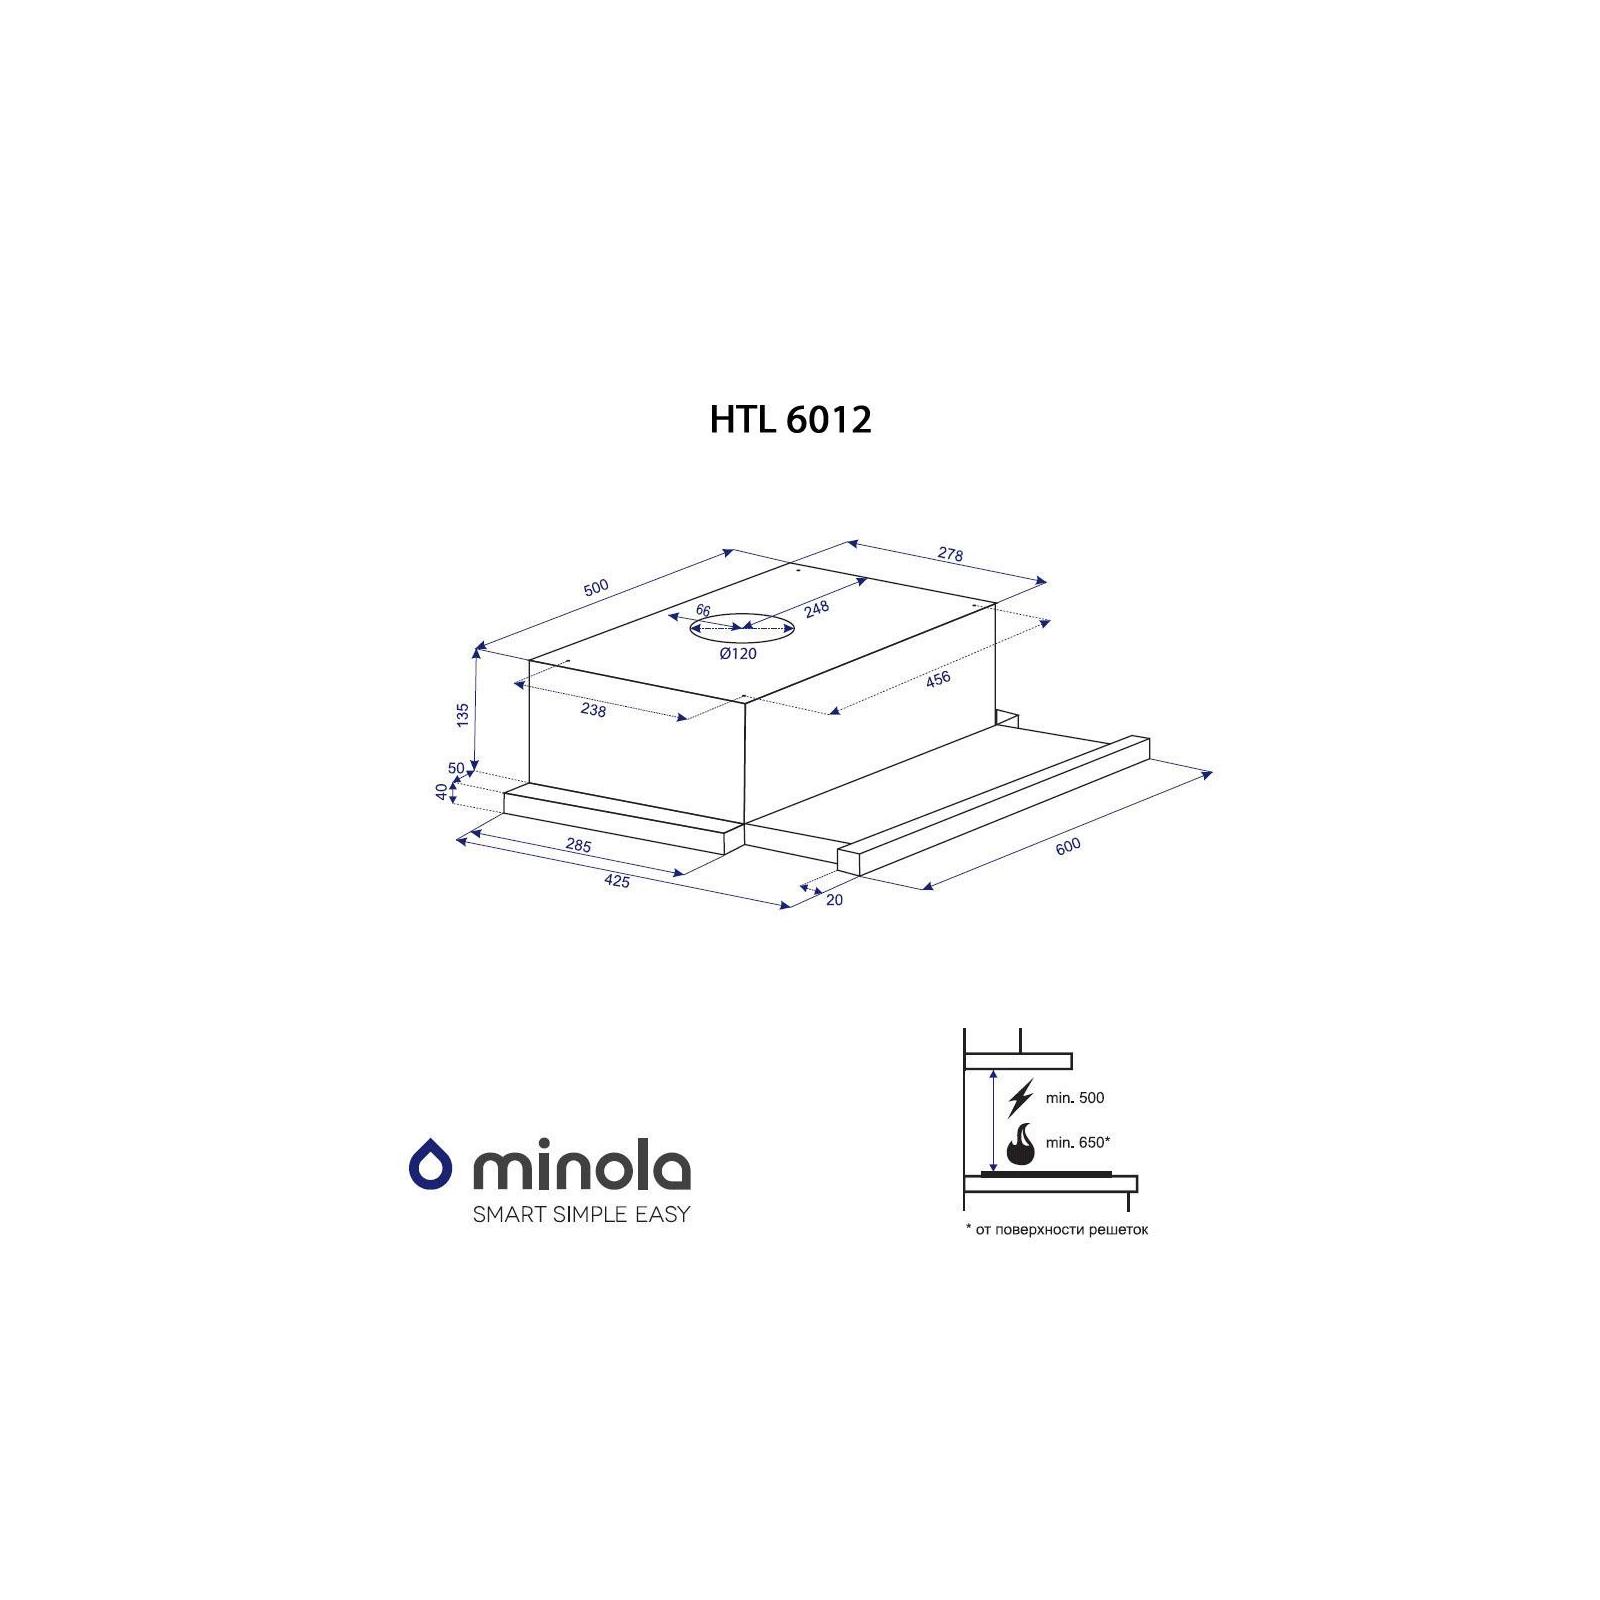 Вытяжка кухонная MINOLA HTL 6012 FULL INOX 450 LED изображение 10